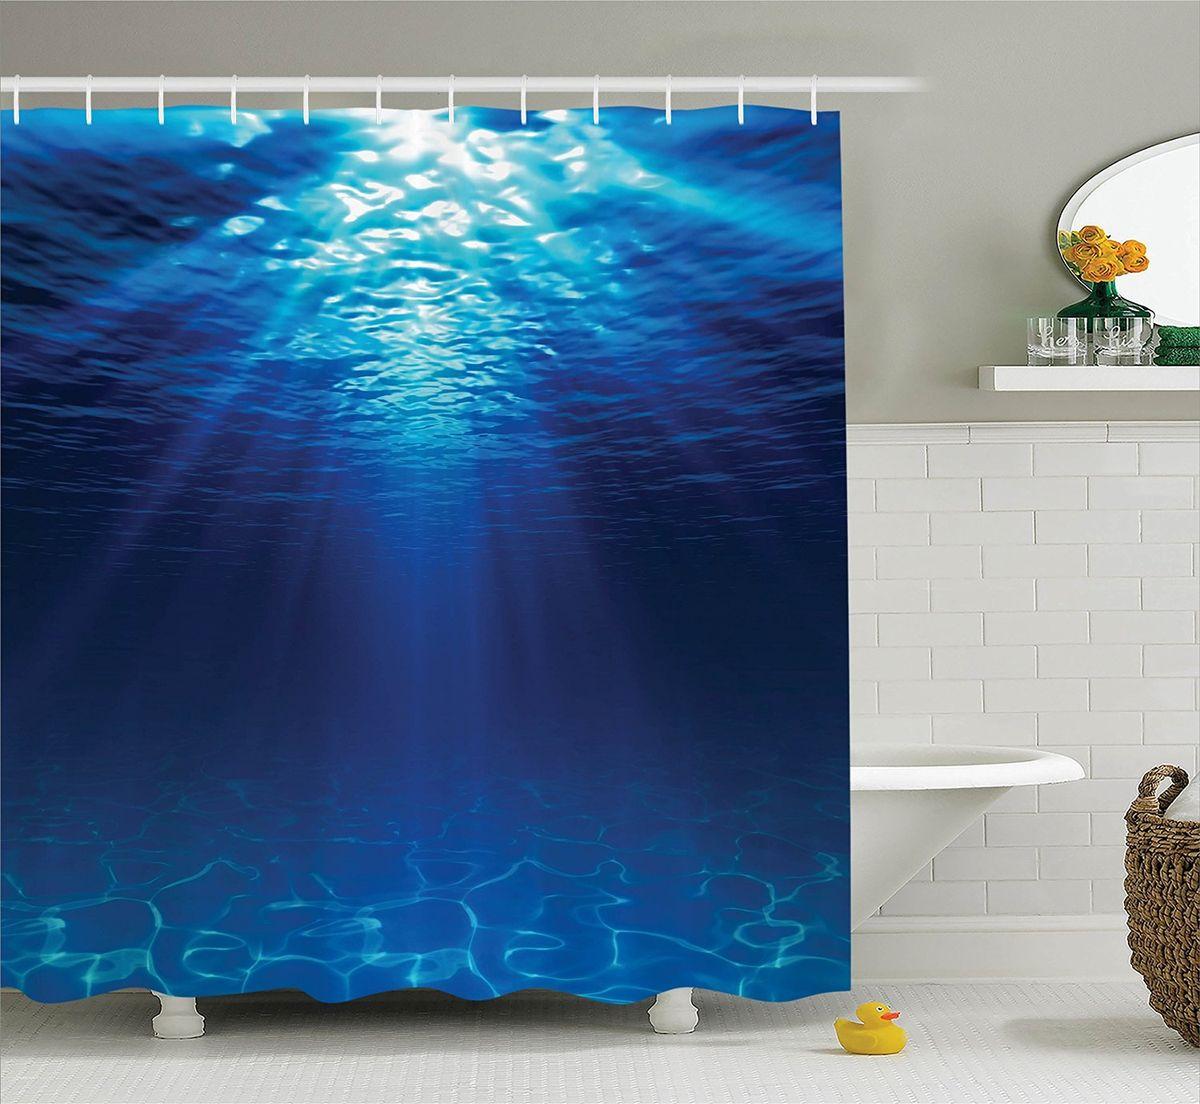 Штора для ванной комнаты Magic Lady Синее море, 180 х 200 смшв_11818Штора Magic Lady Синее море, изготовленная из высококачественного сатена (полиэстер 100%), отлично дополнит любой интерьер ванной комнаты. При изготовлении используются специальные гипоаллергенные чернила для прямой печати по ткани, безопасные для человека.В комплекте: 1 штора, 12 крючков. Обращаем ваше внимание, фактический цвет изделия может незначительно отличаться от представленного на фото.